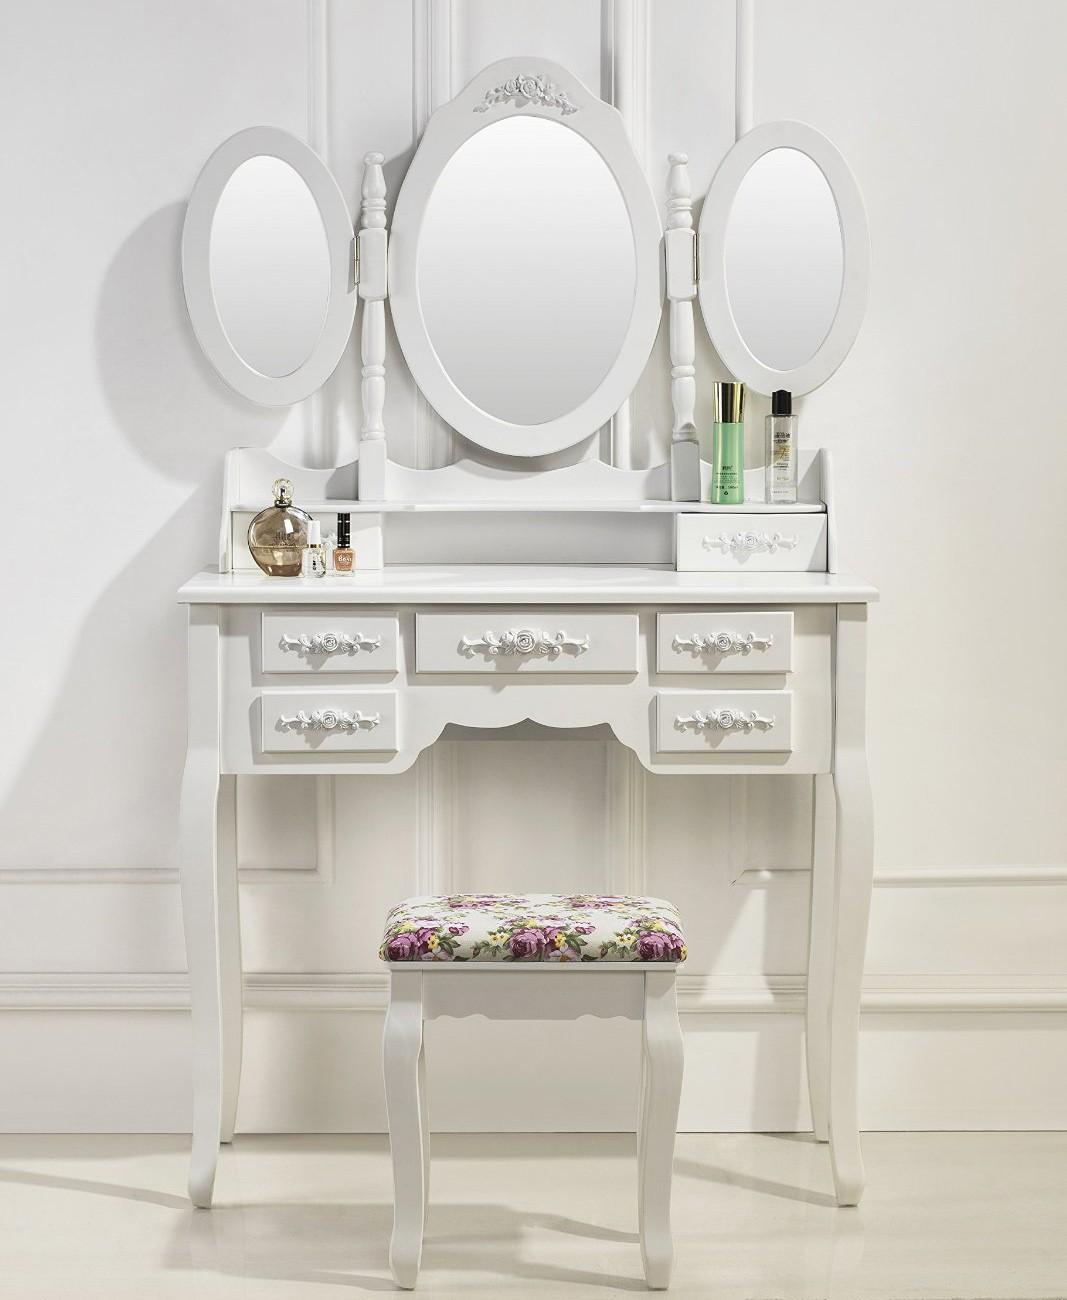 Coiffeuse blanche avec miroir fashion designs for Coiffeuse meuble